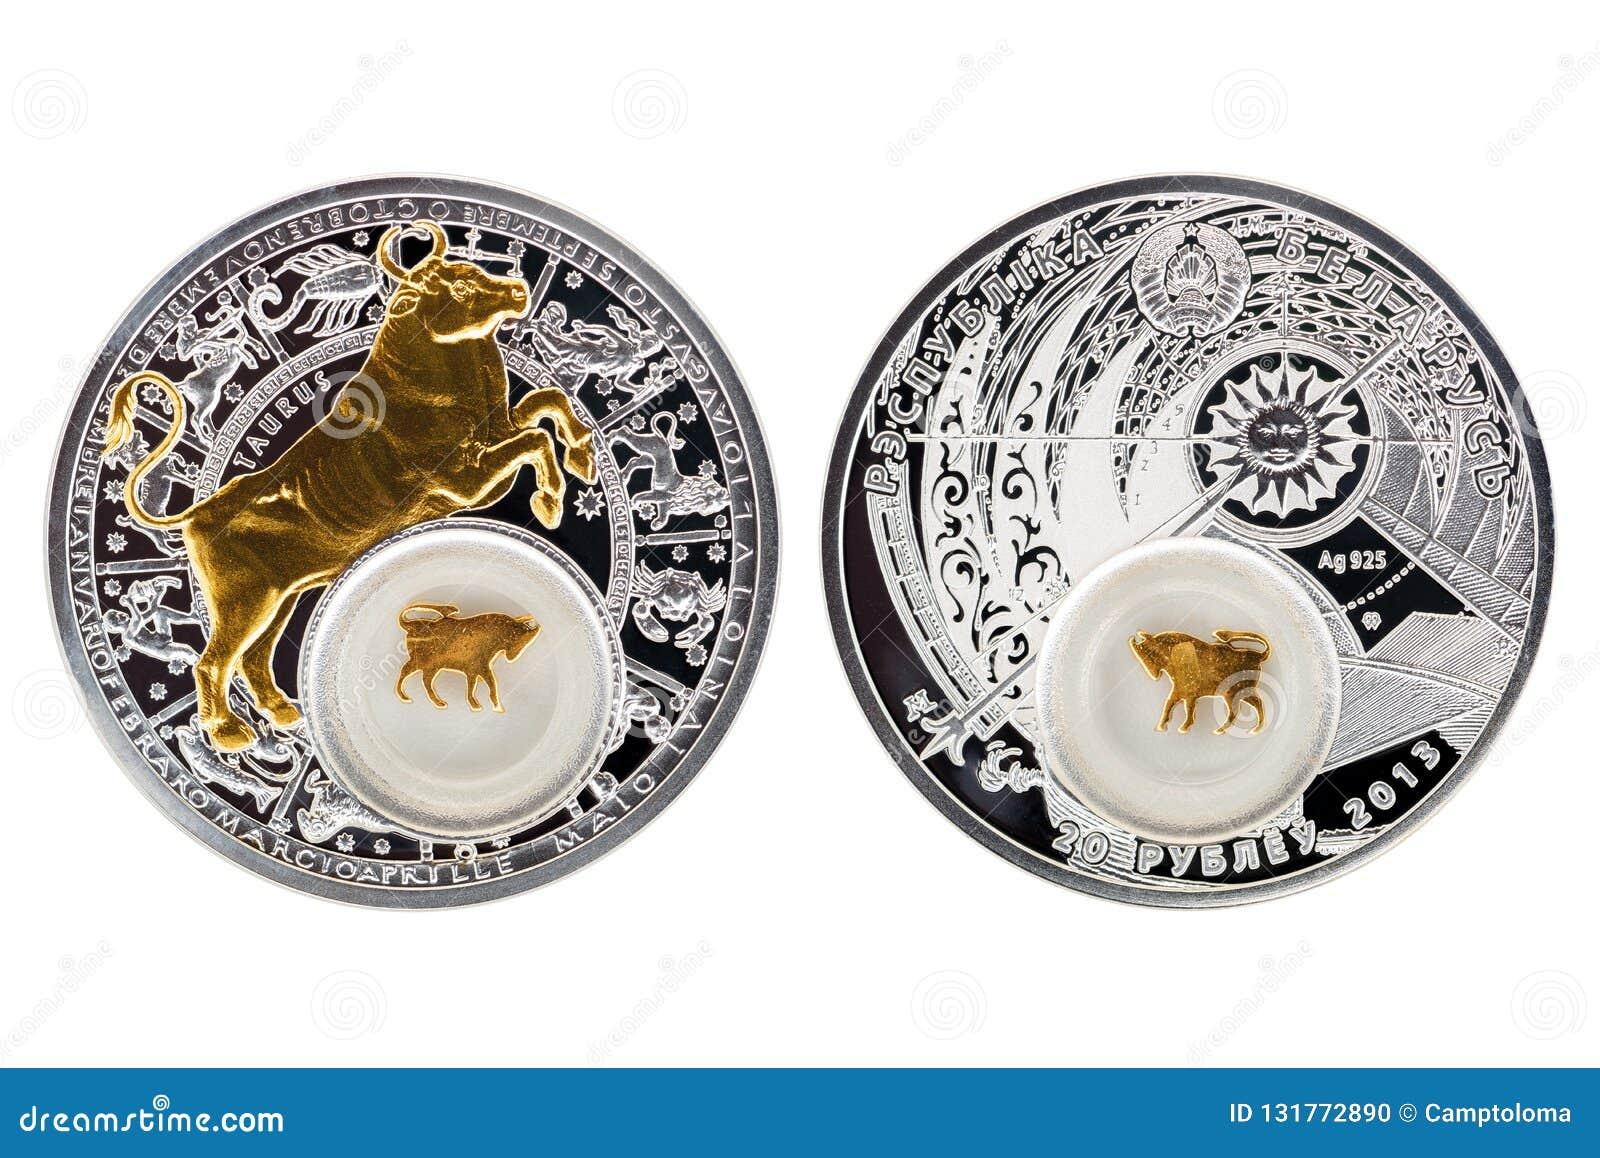 Białoruś srebnej monety astrologii 2013 Taurus